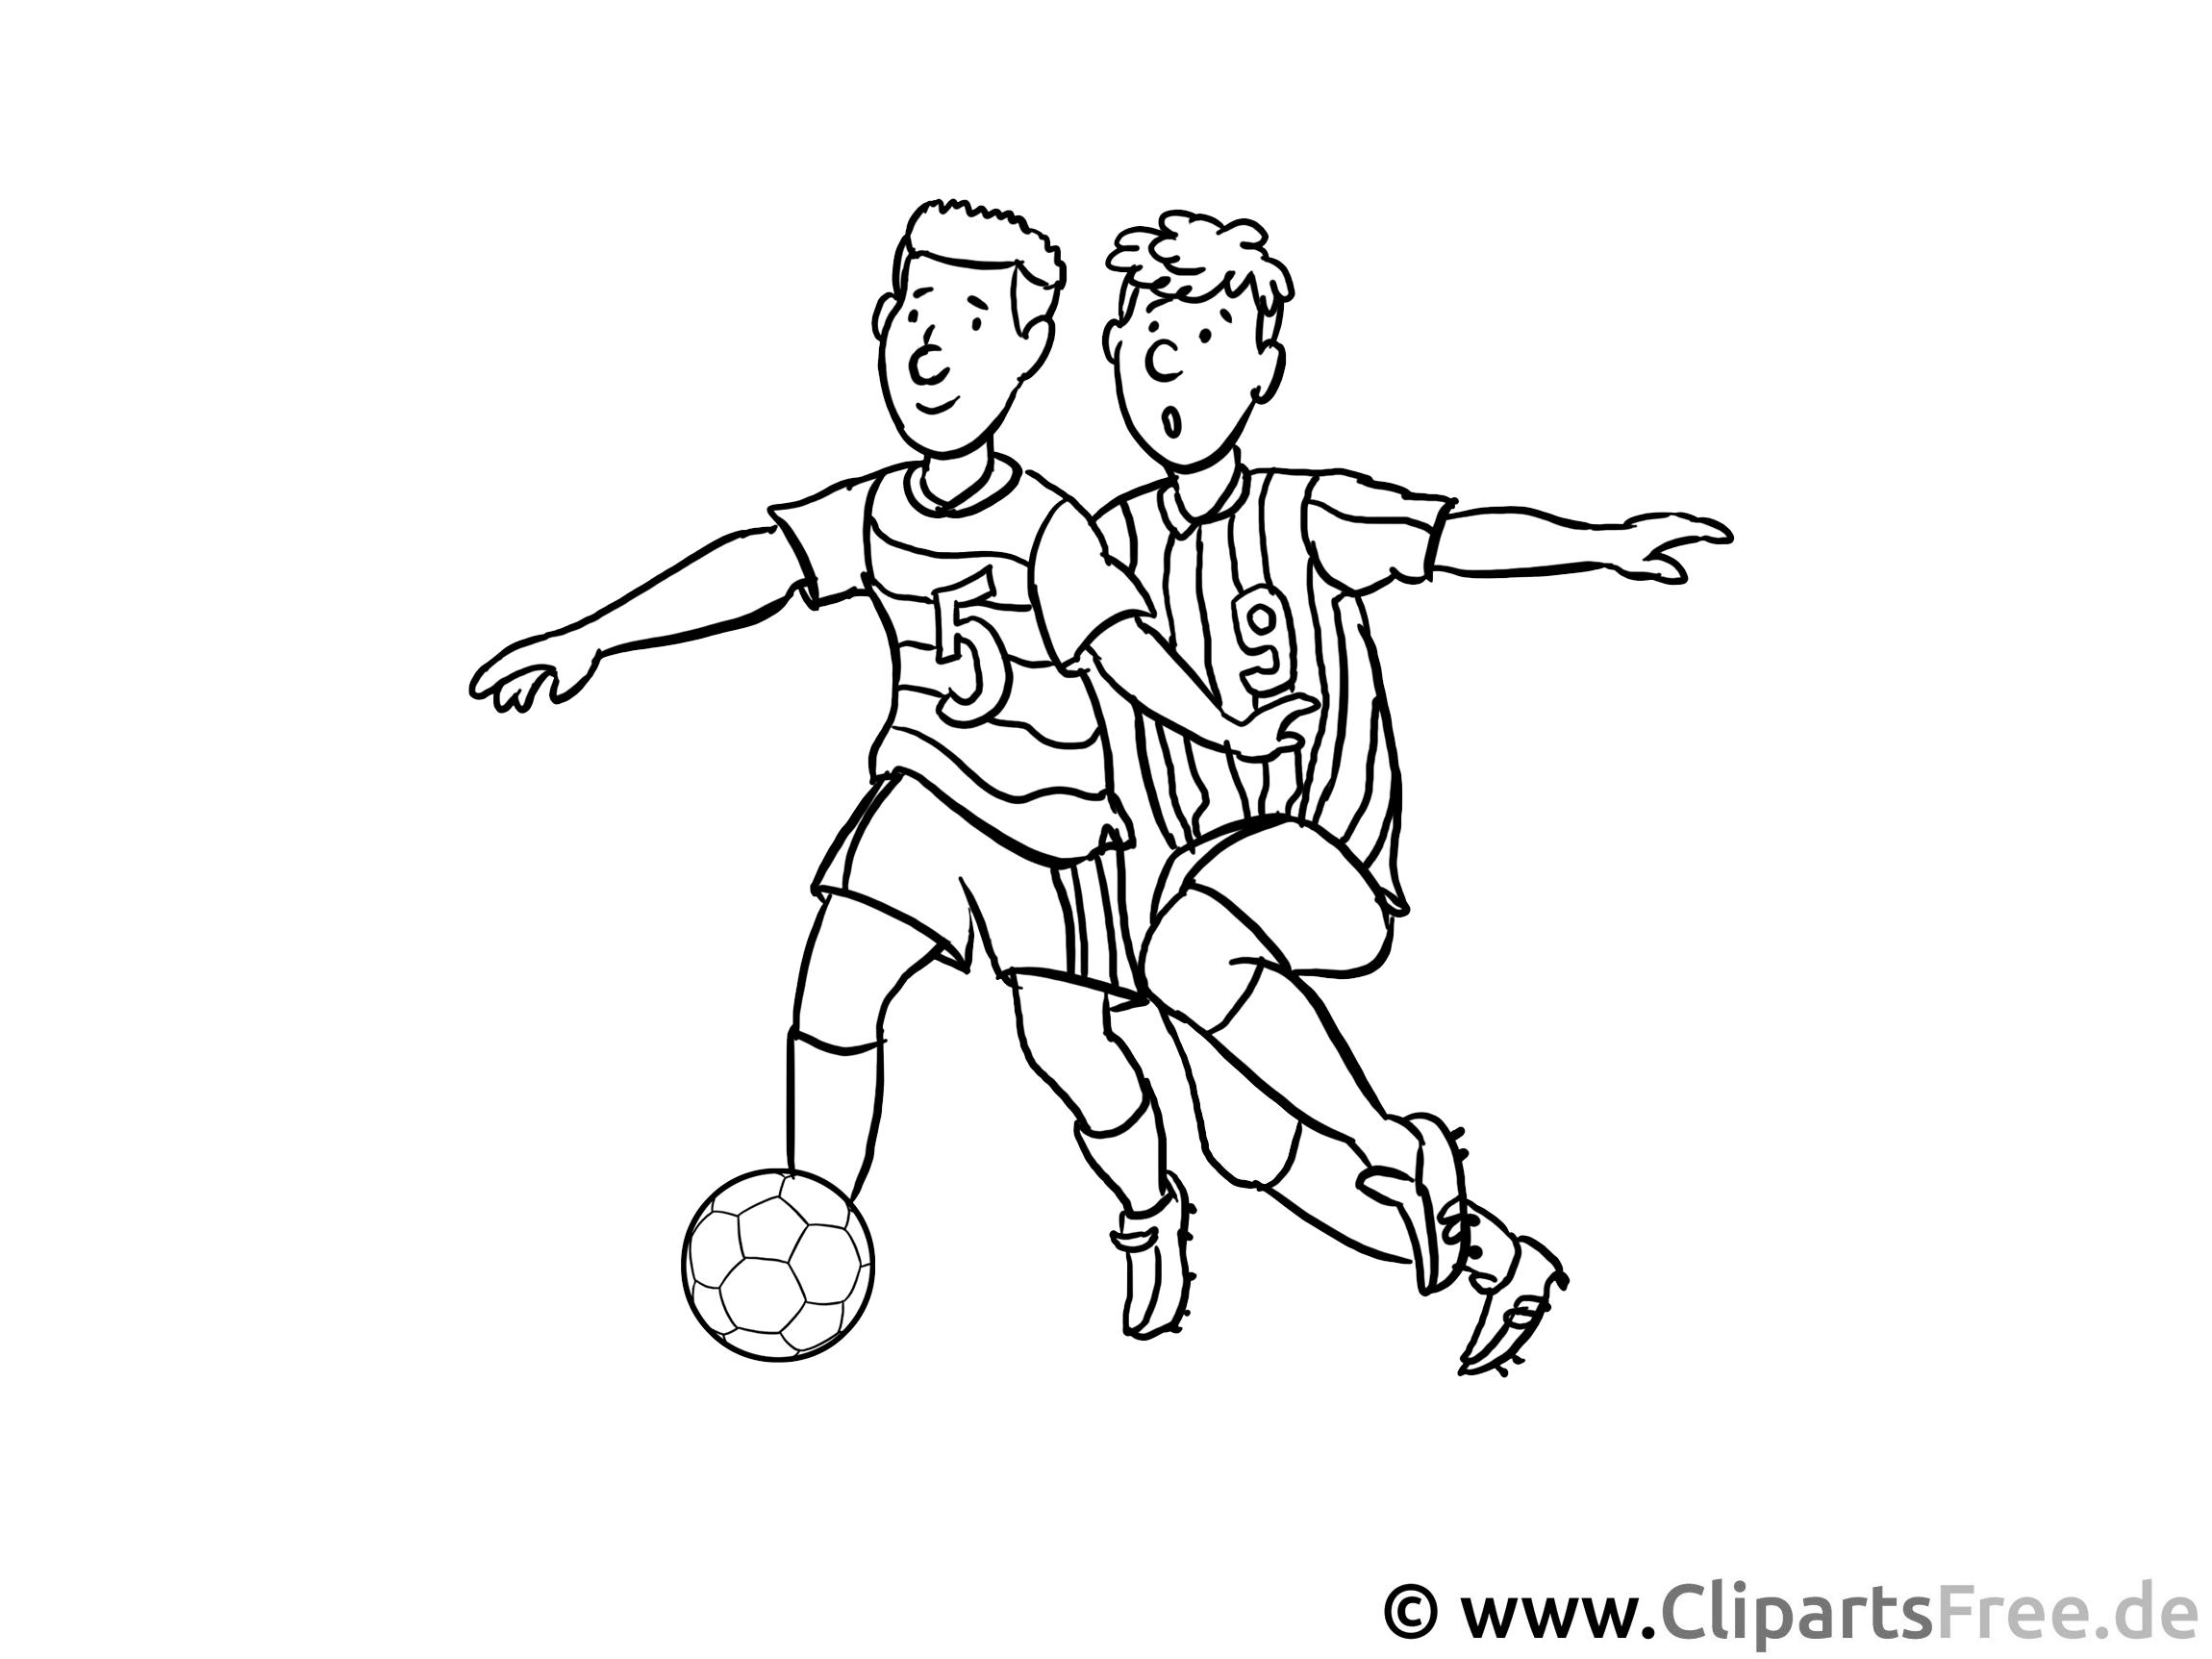 fußball ausmalbilder  ausmalbilder fußball9